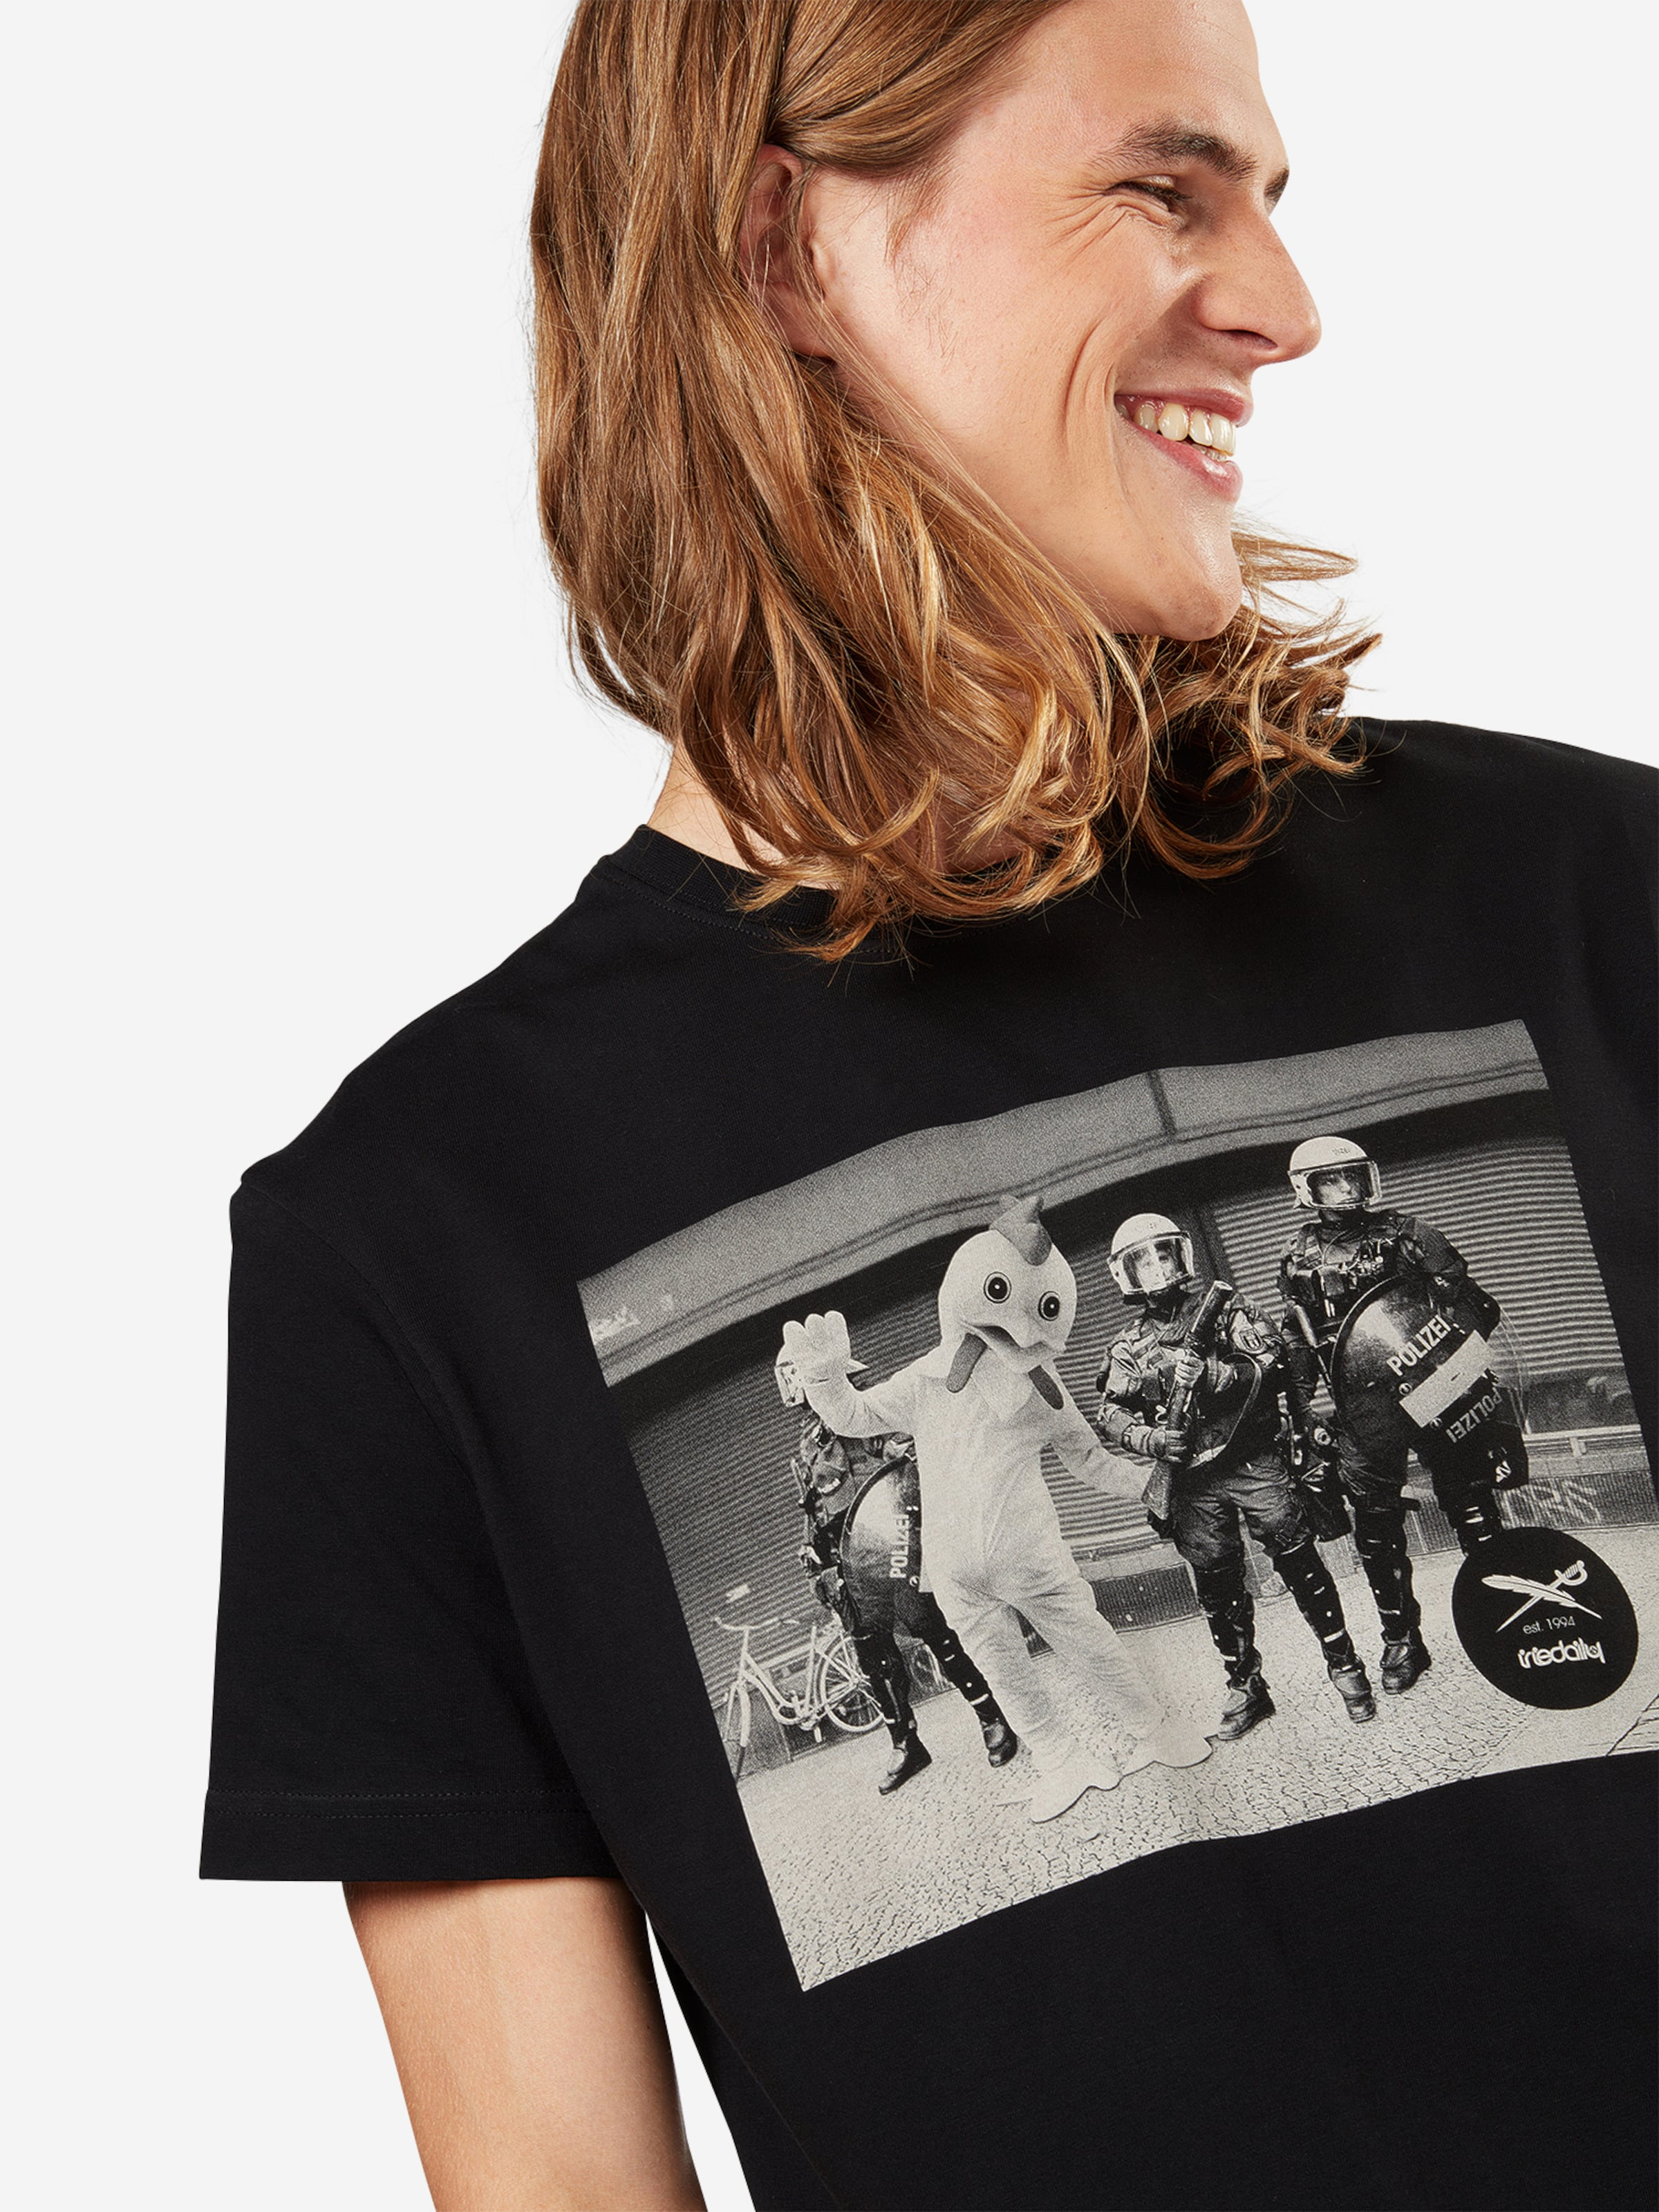 Iriedaily Shirt 'Funky Chicken Tee' Spielraum Neue Stile Online Kaufen Geniue Händler Verkauf Online Auslass Schnelle Lieferung KFZAJHSNTN